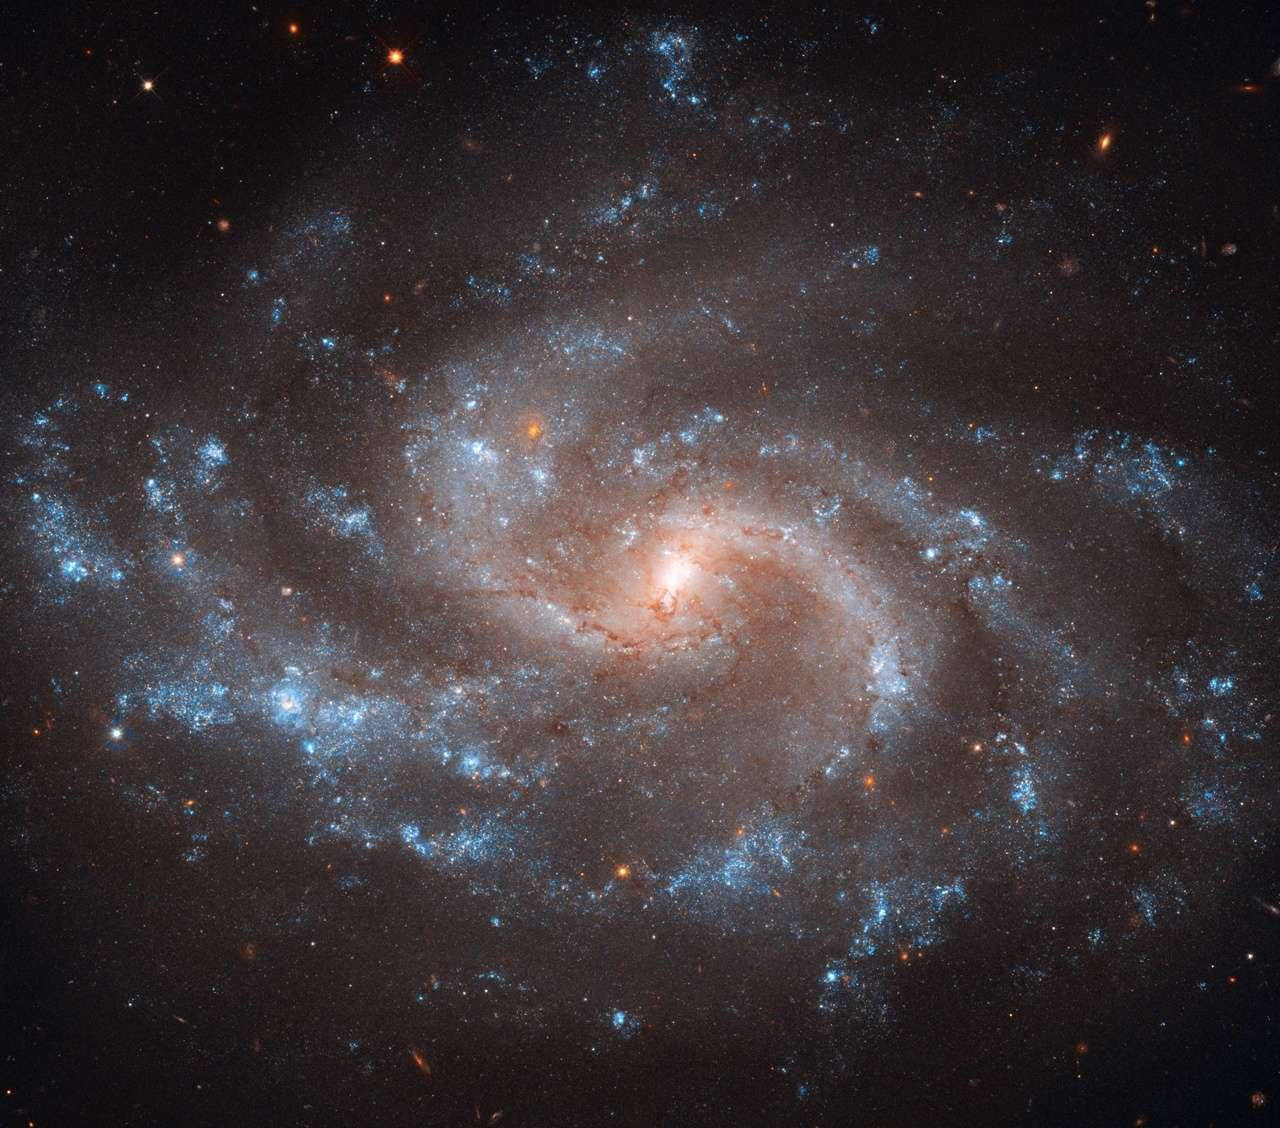 La galaxie NGC 5548 a un diamètre de cent mille années-lumière et se trouve à une distance de 240 millions d'années-lumière de la Voie lactée. Elle contient un trou noir supermassif d'environ 40 millions de masses solaires accrétant de la matière. © Nasa, Esa, A. Riess (STScI/JHU), L. Macri (Texas A & M Univ.) et al., Hubble Heritage (STScI/Aura)